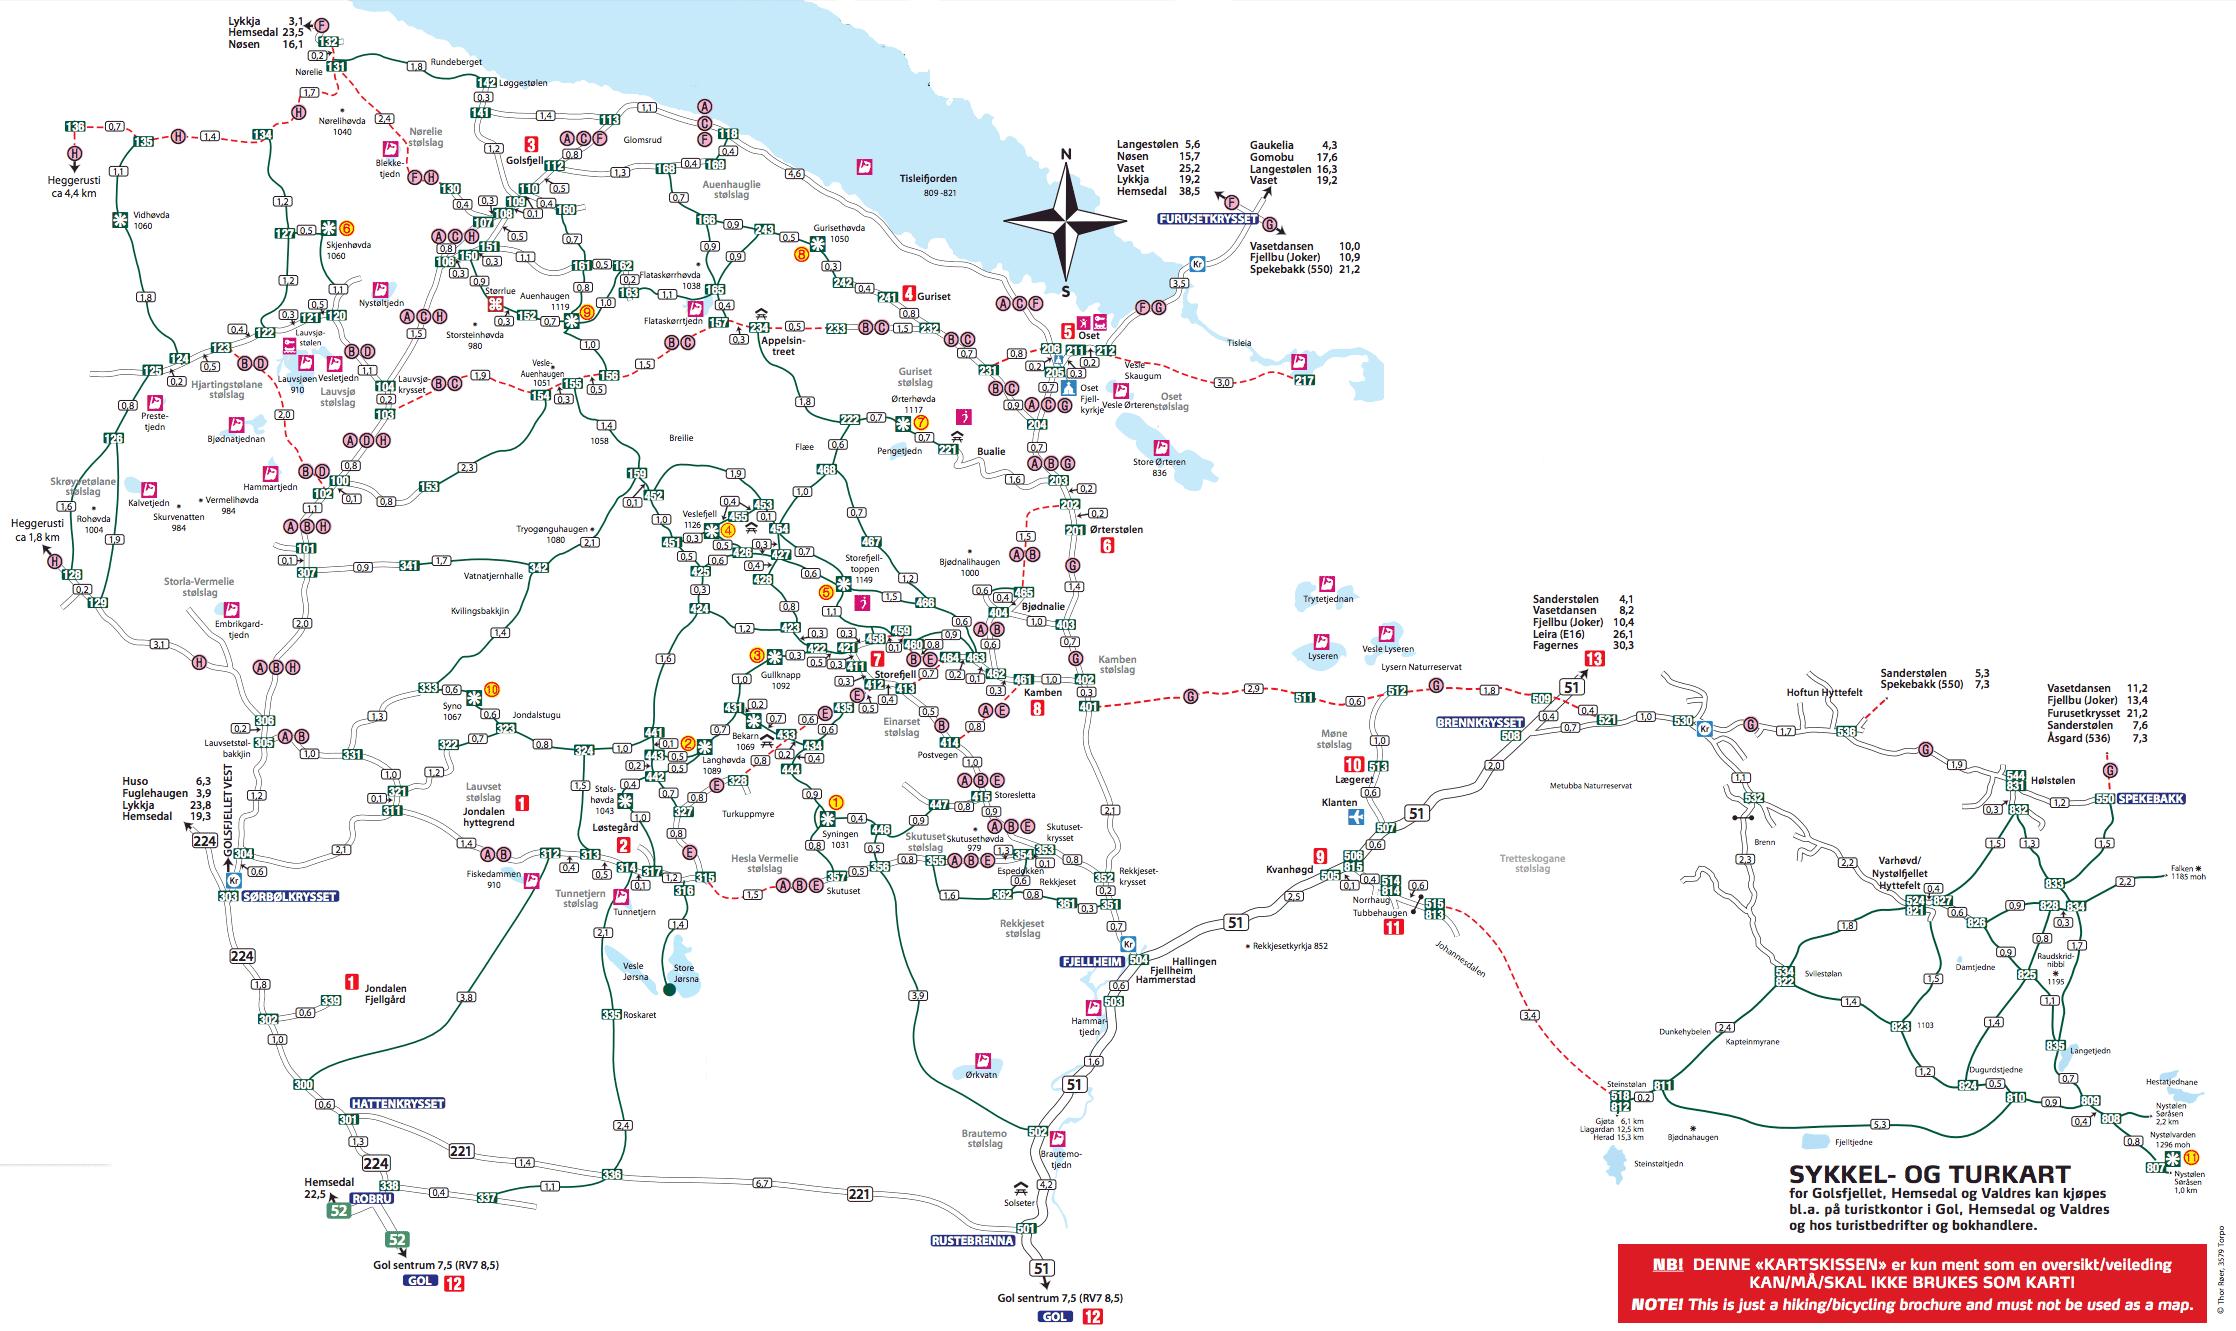 Oversiktskart for sommeropplevelser på Golsfjelelt. Vandring, Stolpejakt, Geocaching, Sykling, Fisking, Bading. Gol, Hallingdal, Valdres, Hemsedal.